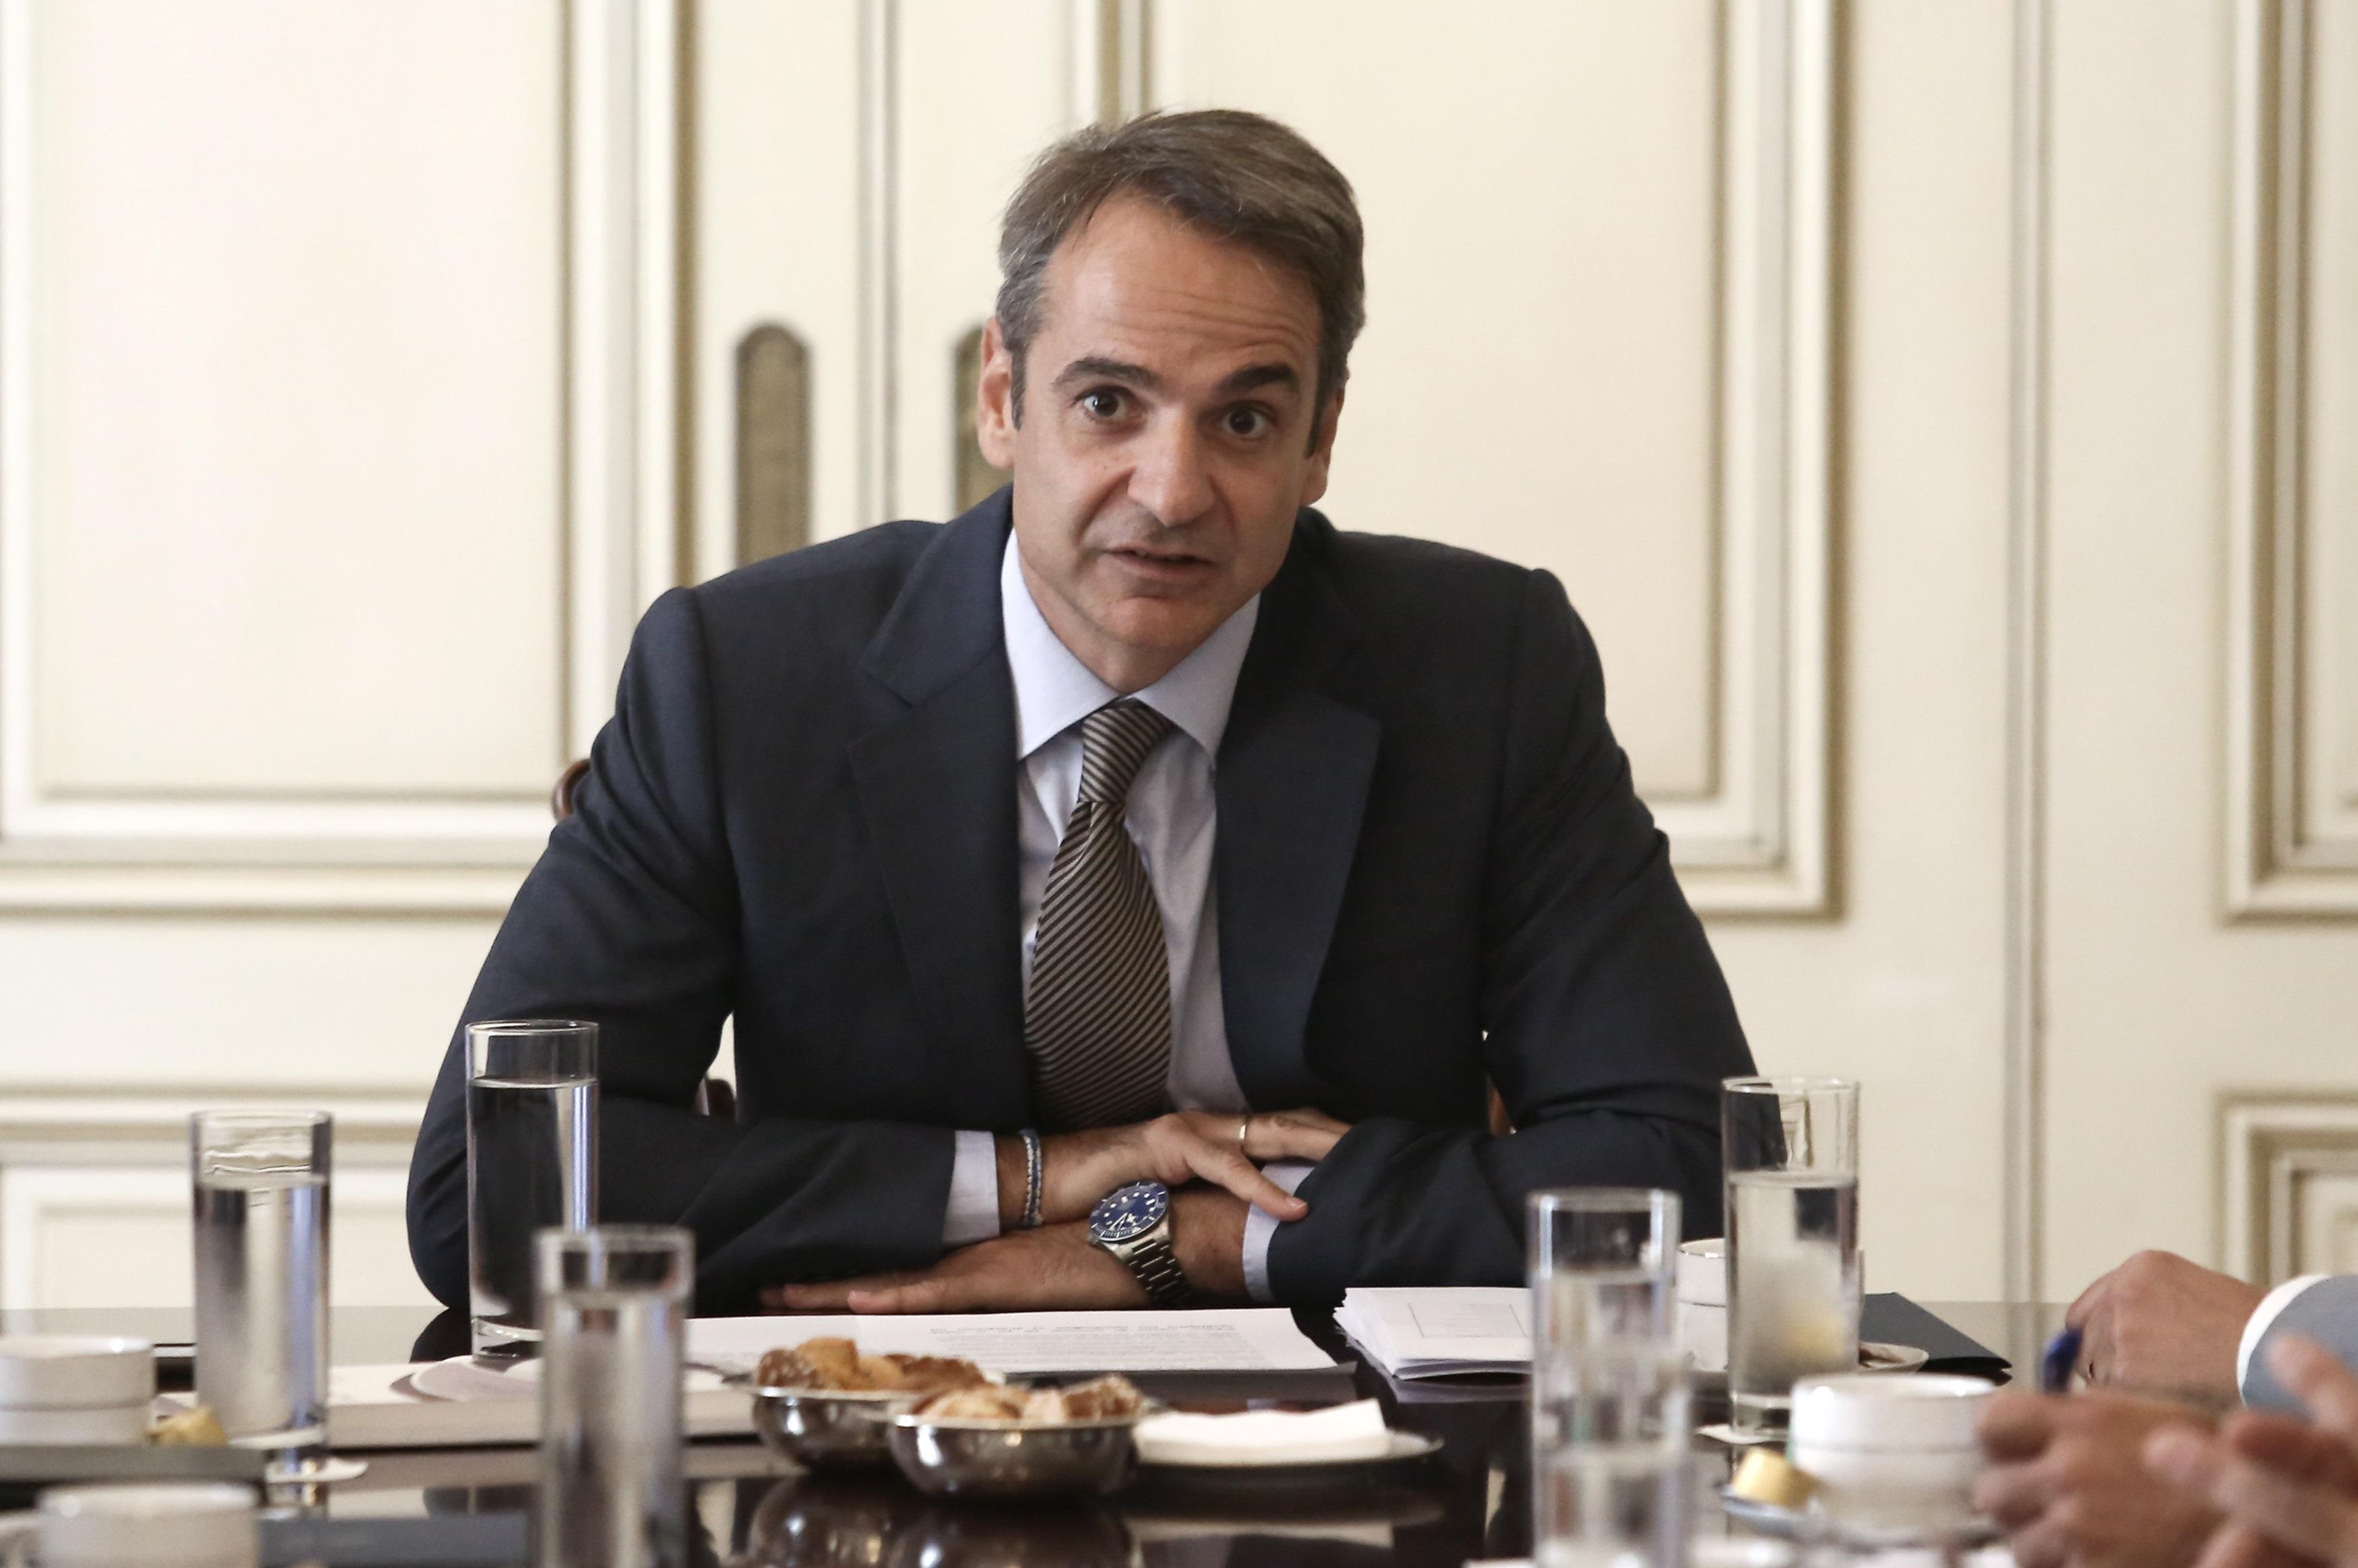 Μητσοτάκης: Το πρόγραμμα του πρωθυπουργού στην 84η Διεθνή Έκθεση Θεσσαλονίκης